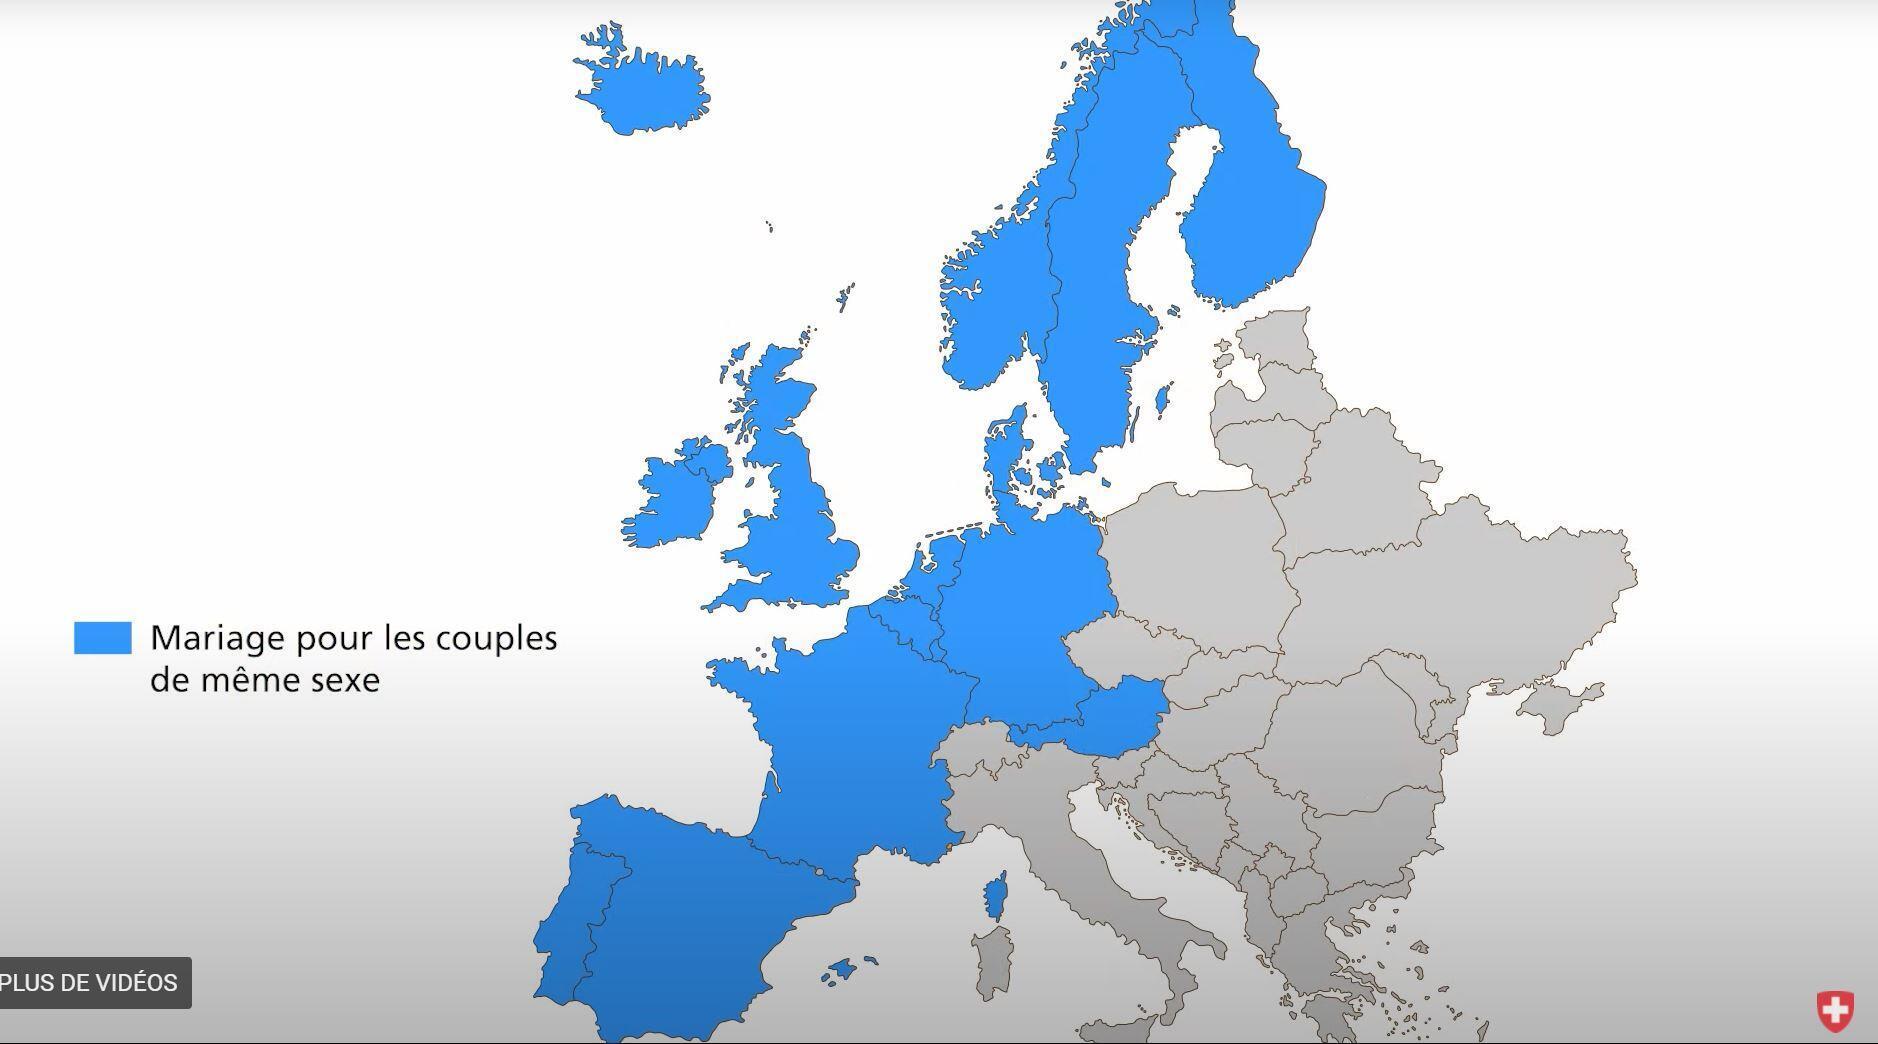 瑞士政府在本次公投官网上的视觉图,图为欧洲已将同性婚姻合法化的国家(蓝色部分)。